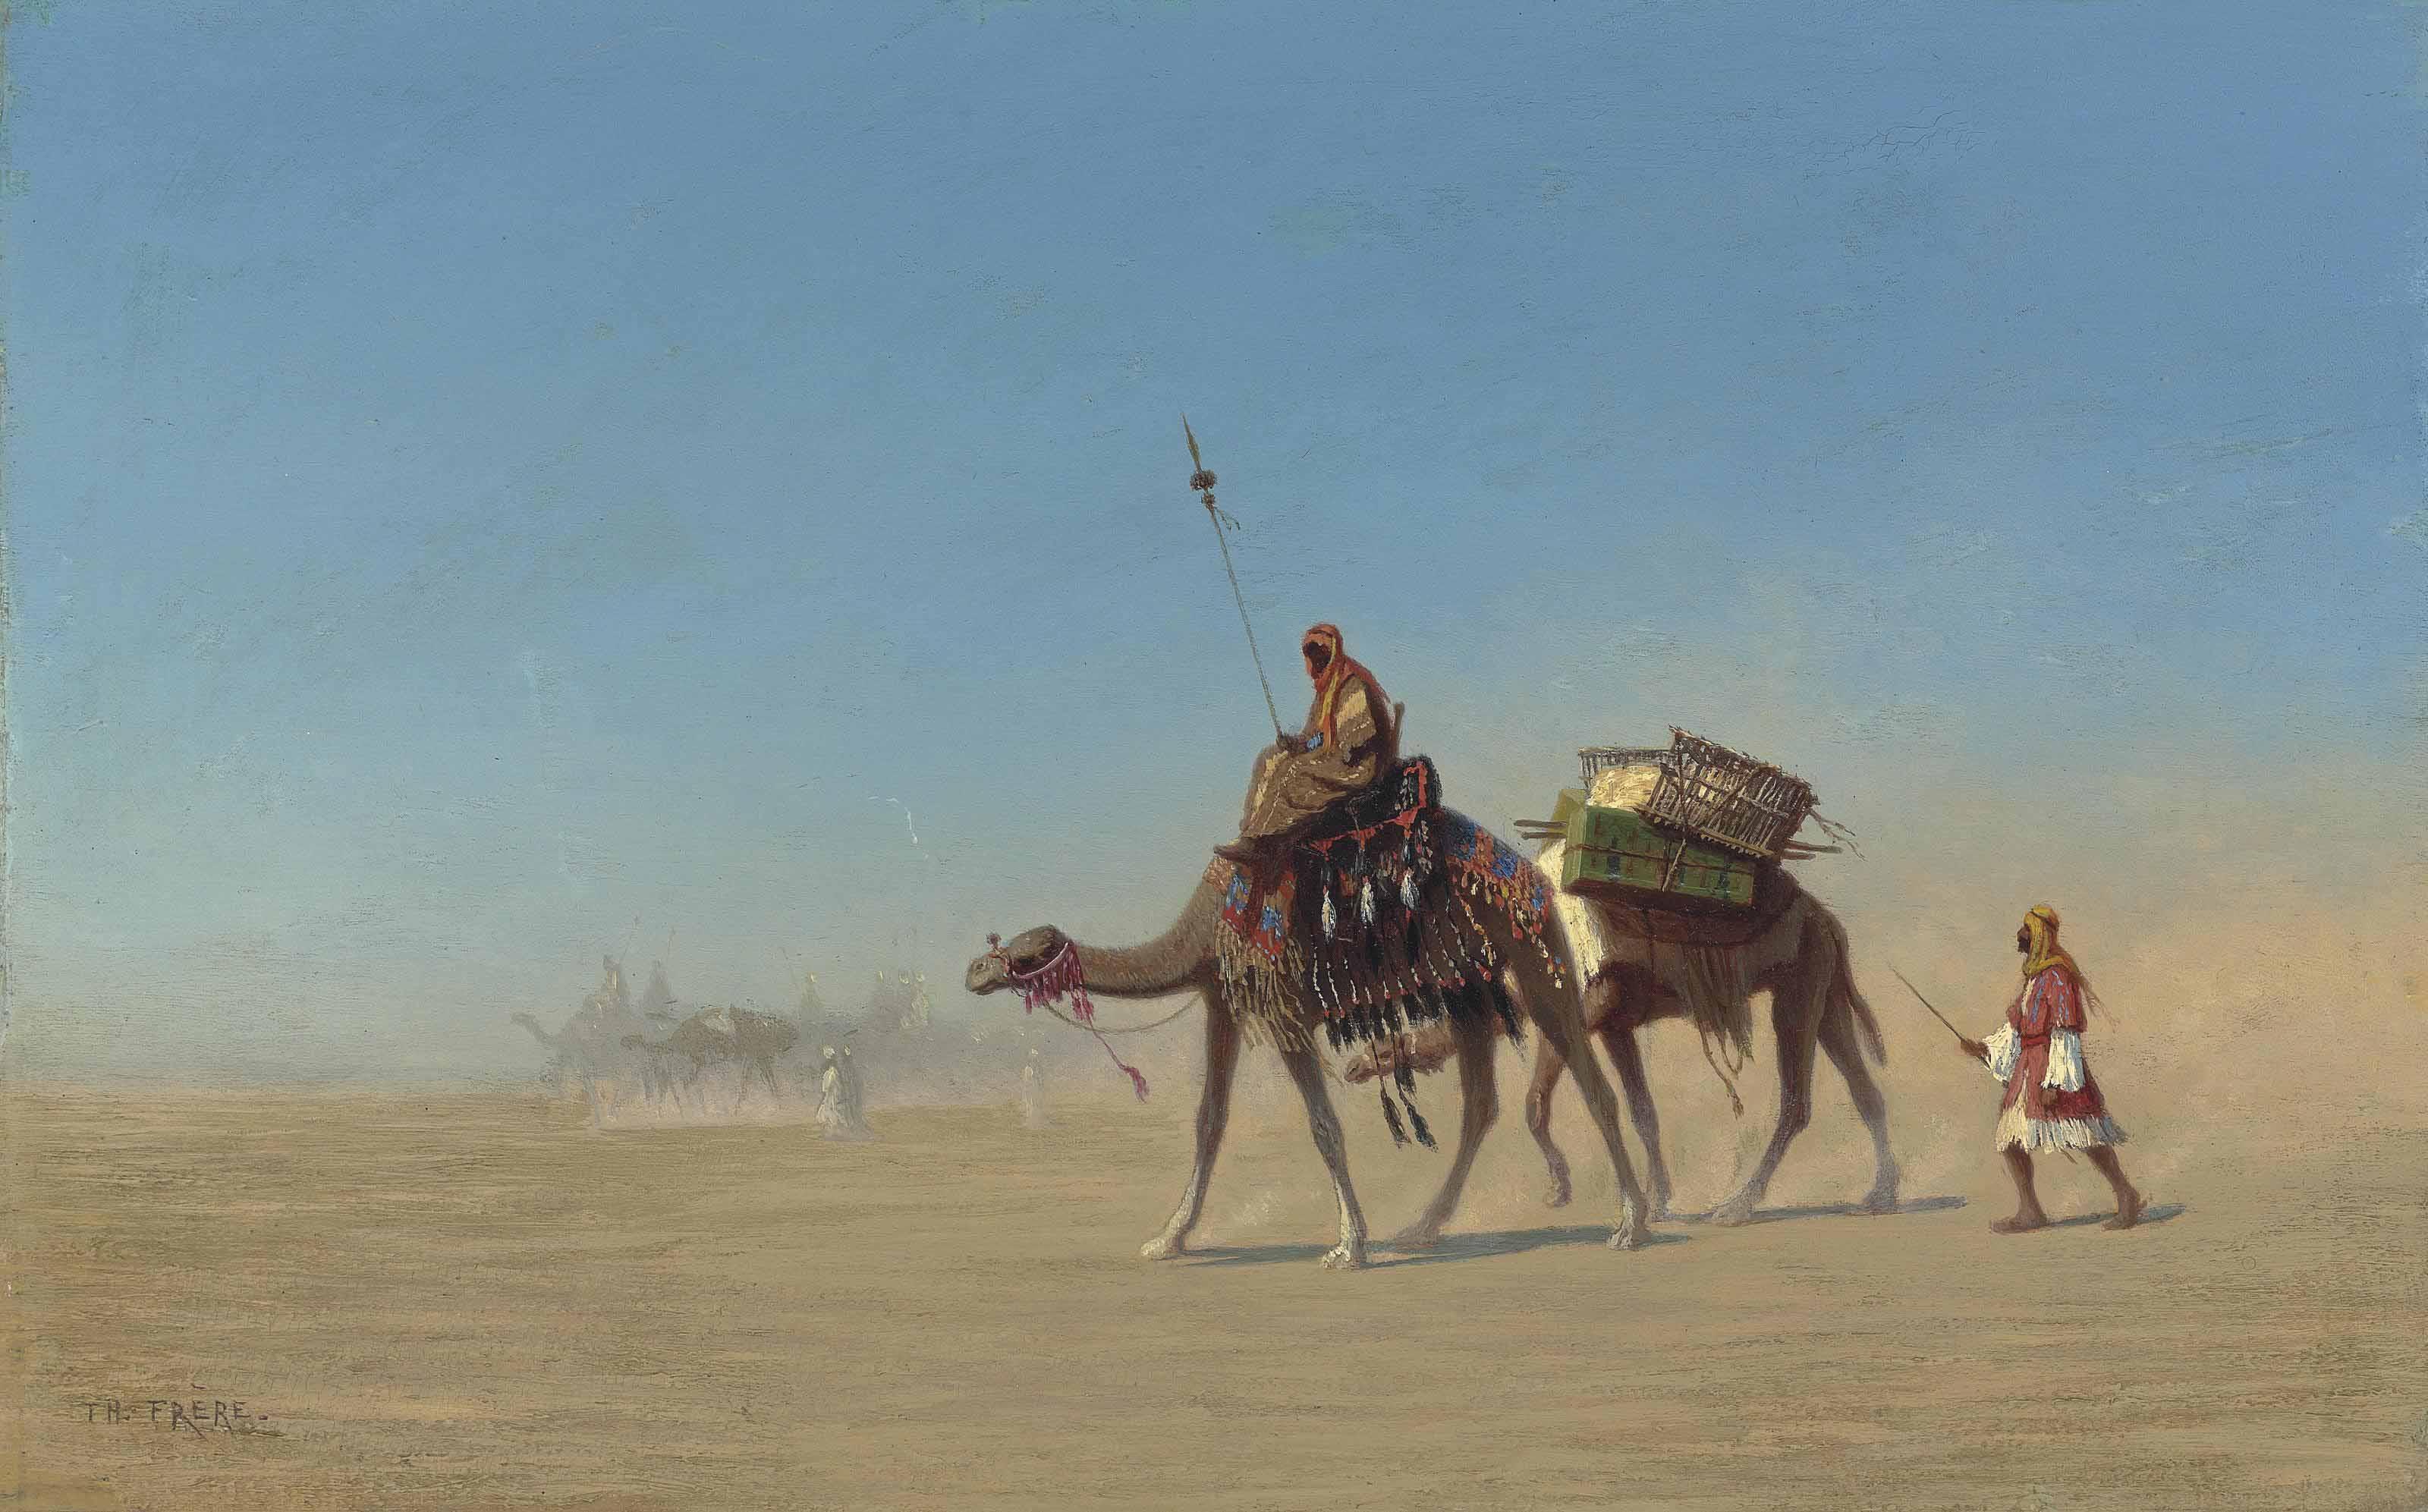 Une caravane, Désert d'Arabie